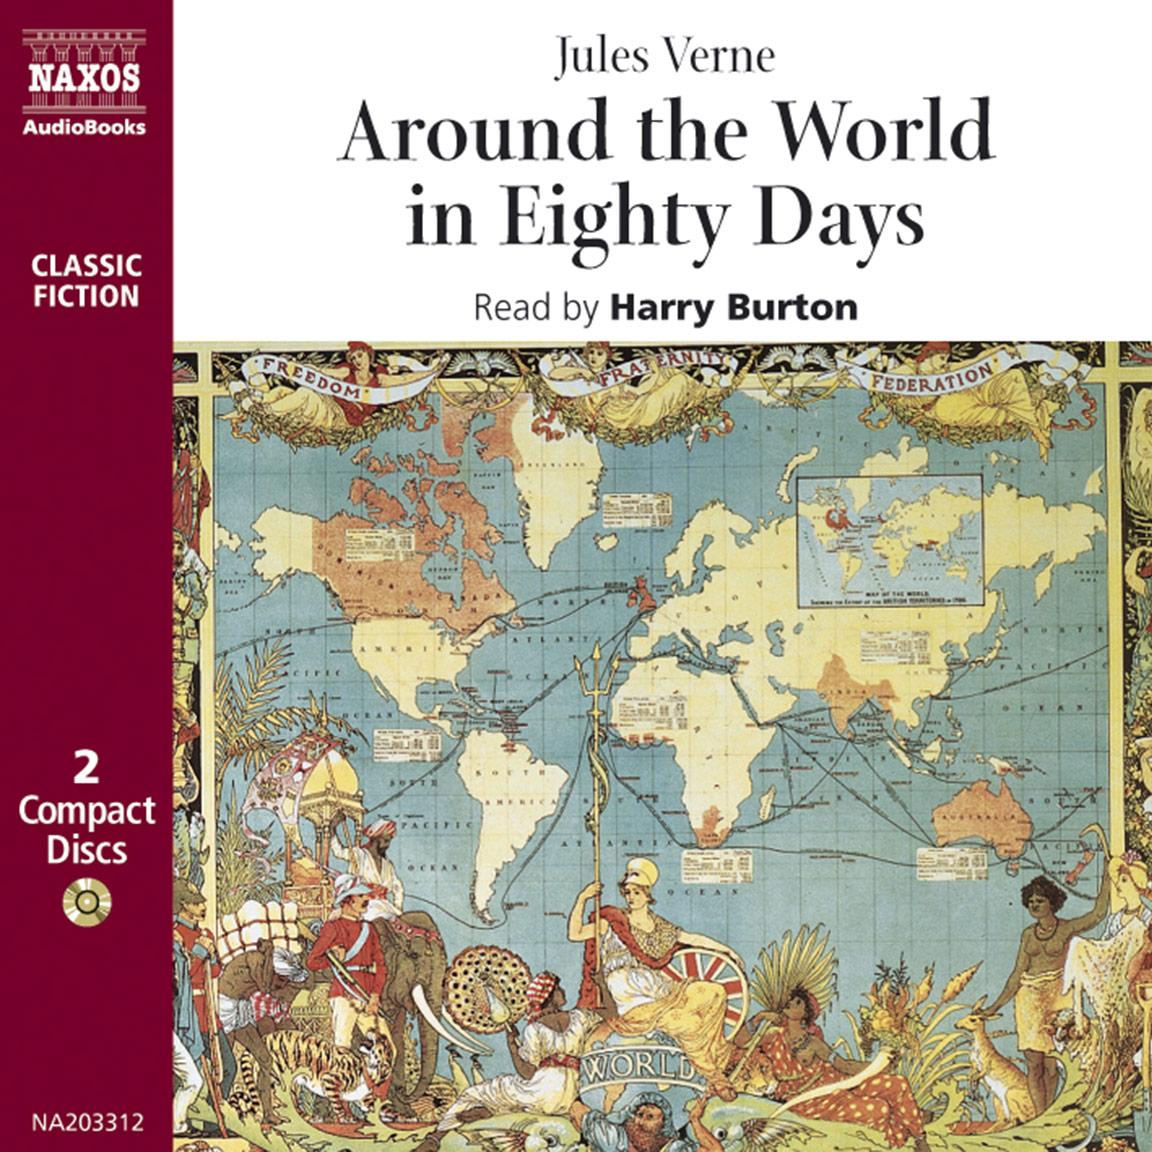 Around the World in Eighty Days (abridged)